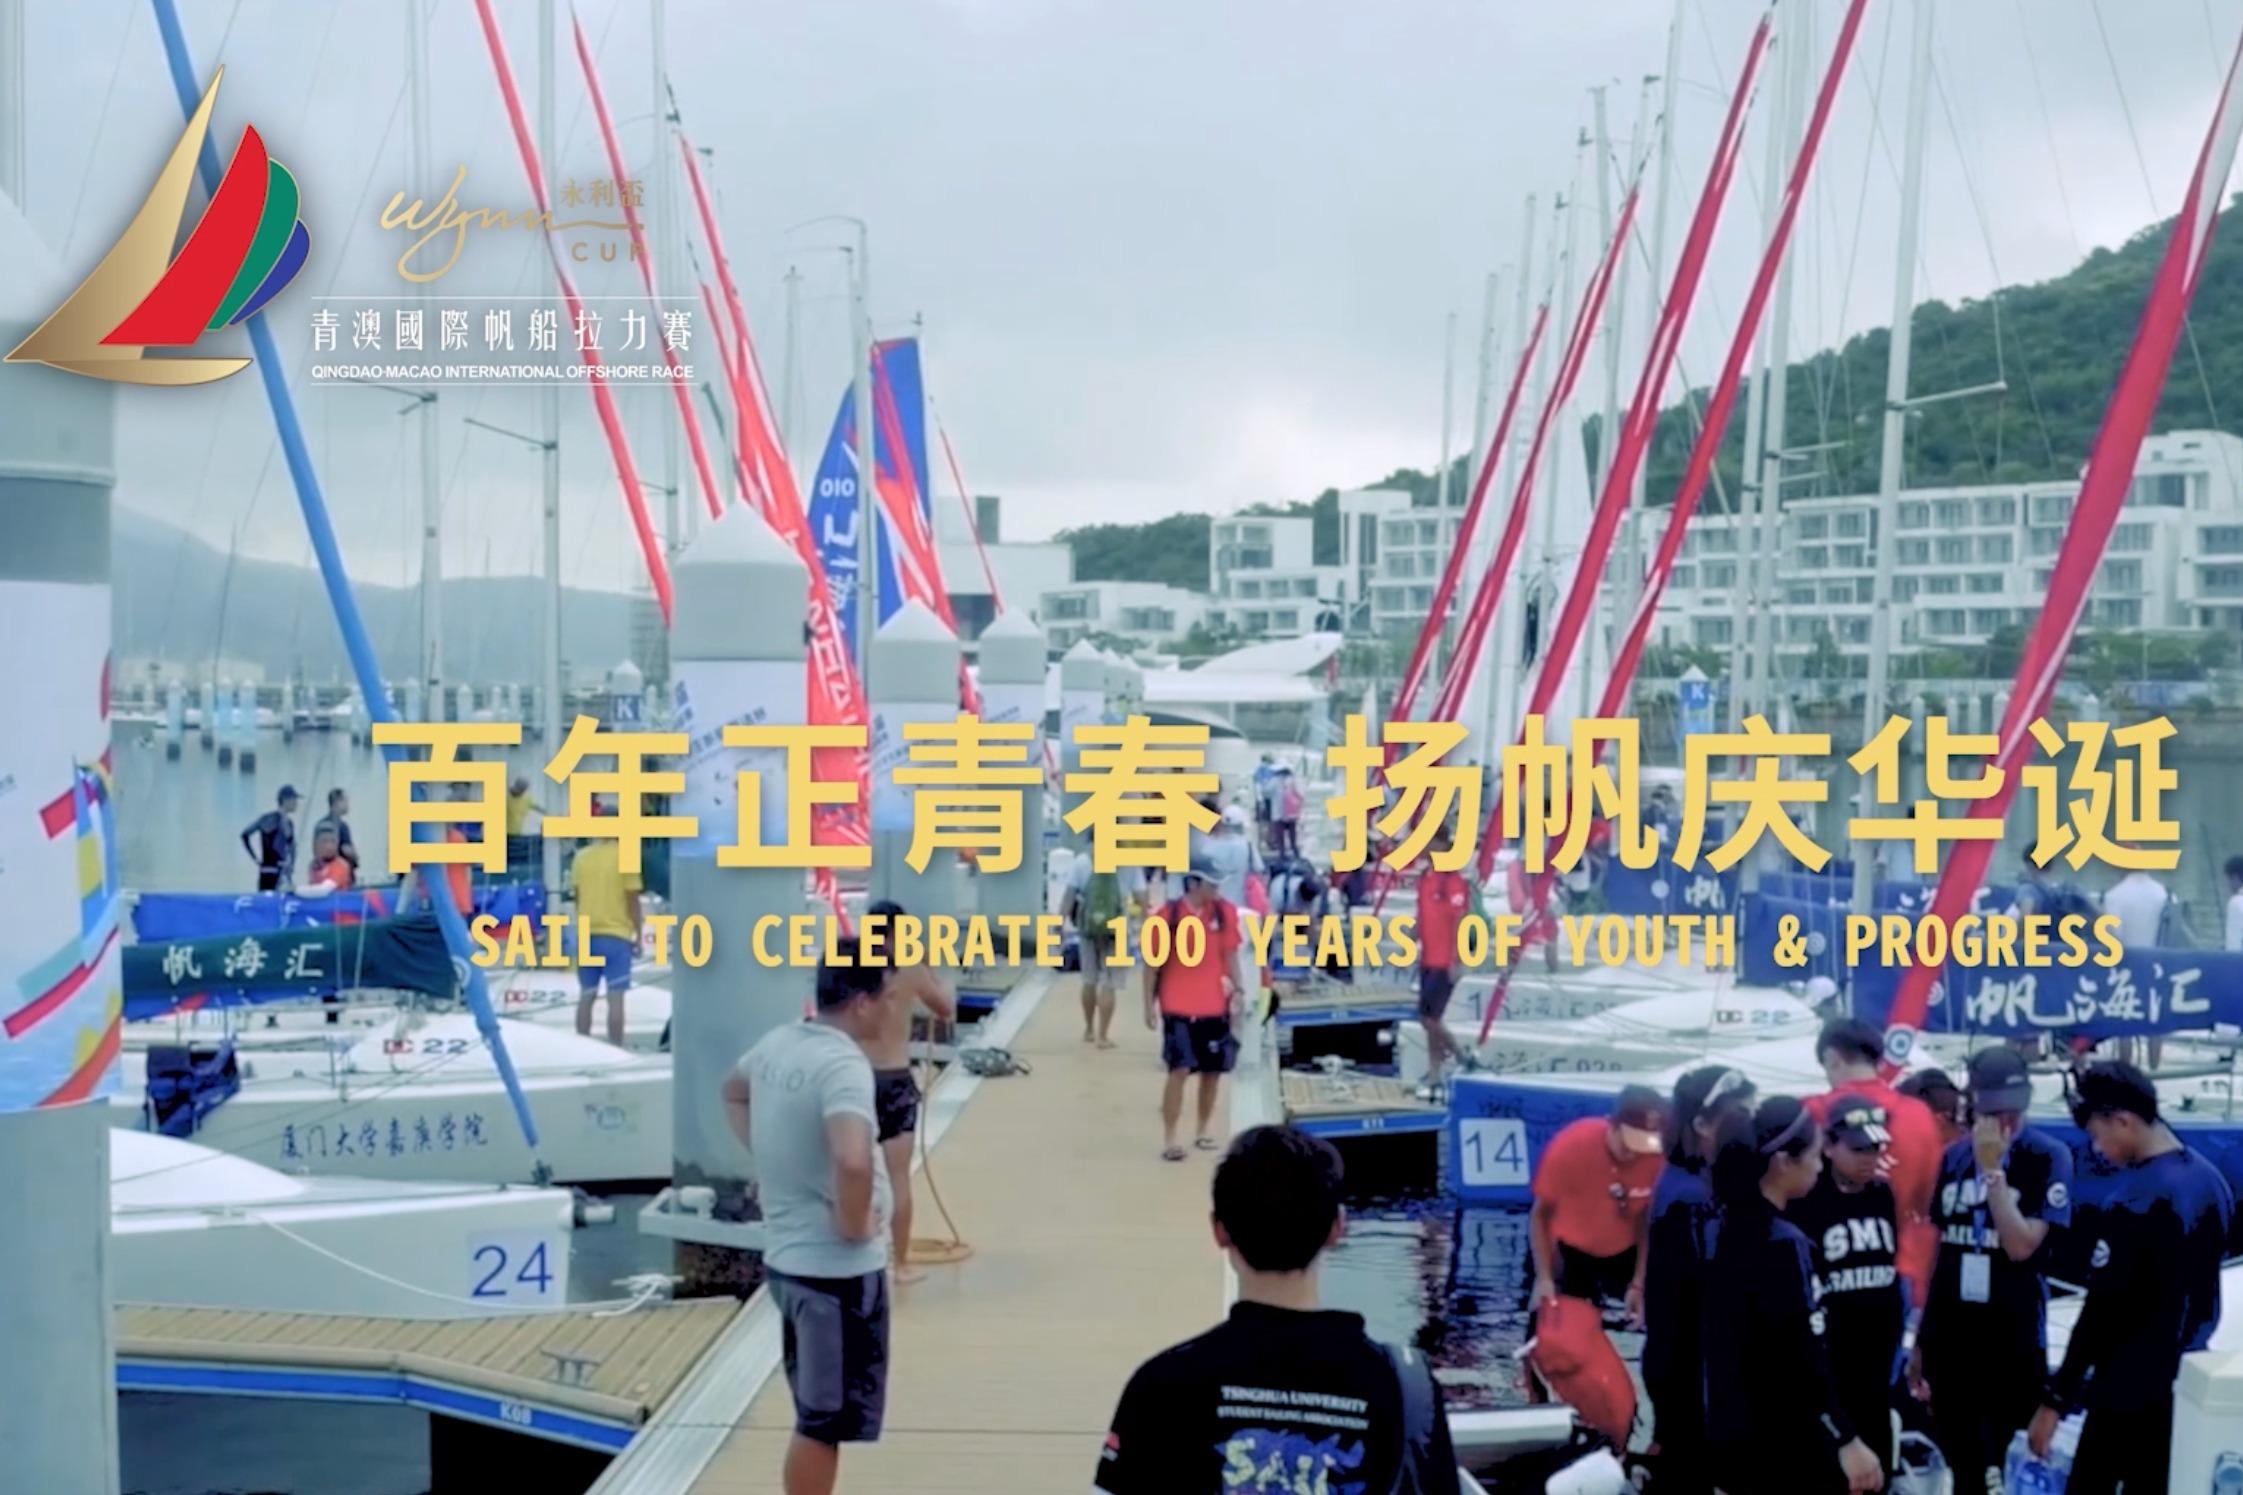 永利杯青澳国际帆船拉力赛途经城市就绪!